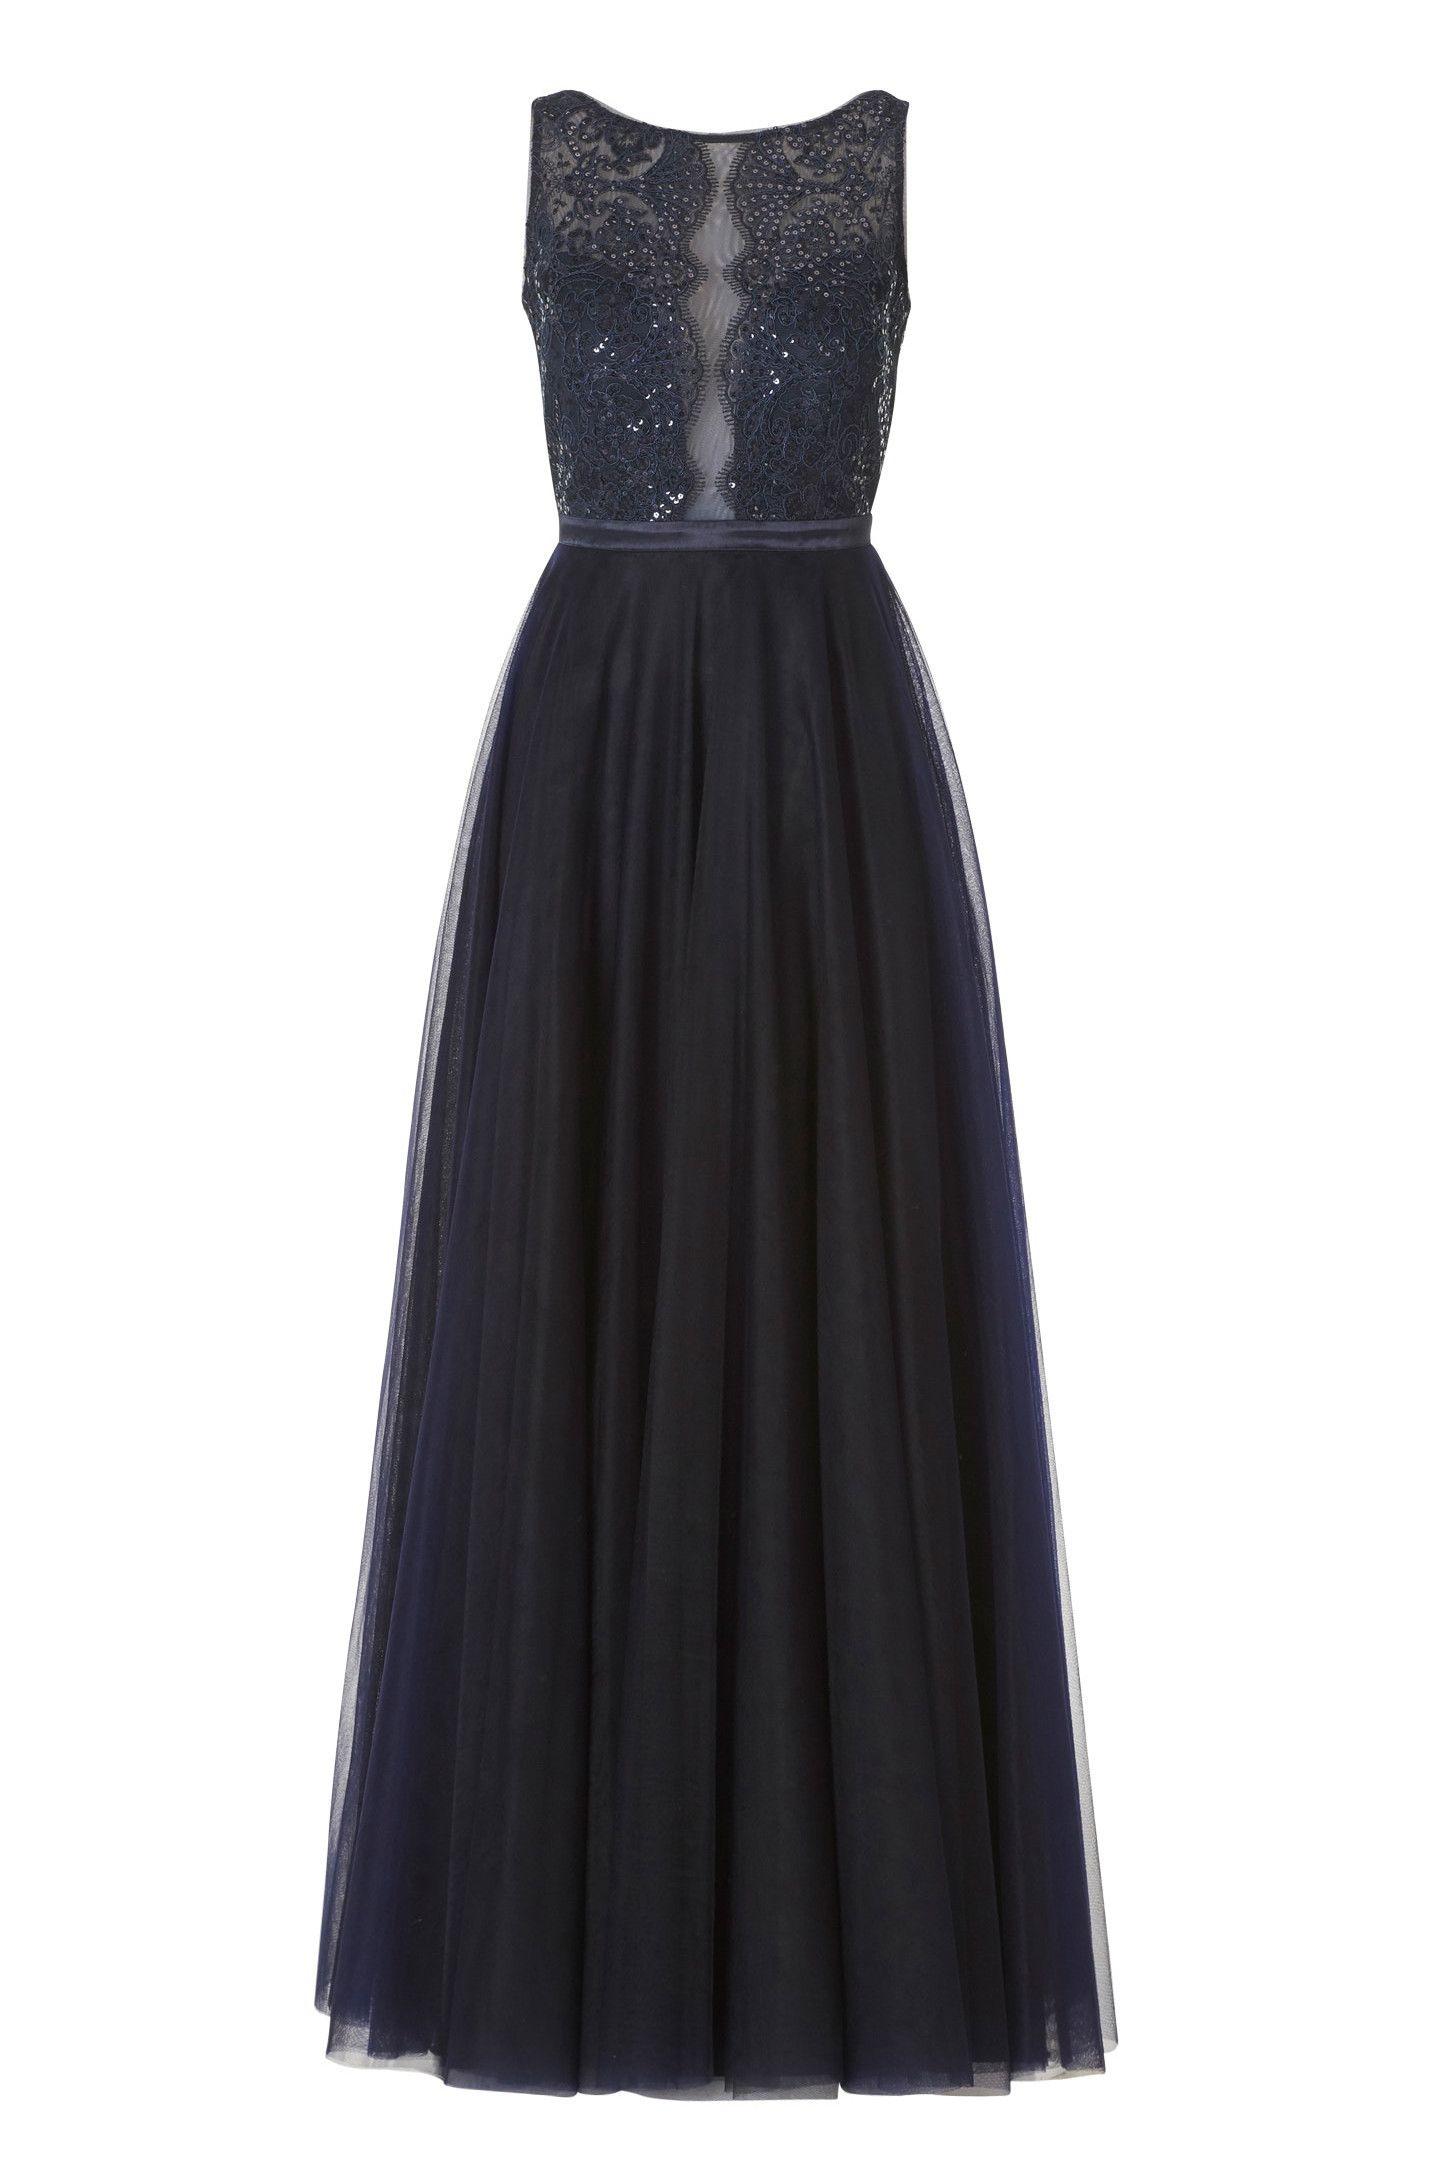 10 Top Abendkleid Nachtblau Lang Design - Abendkleid